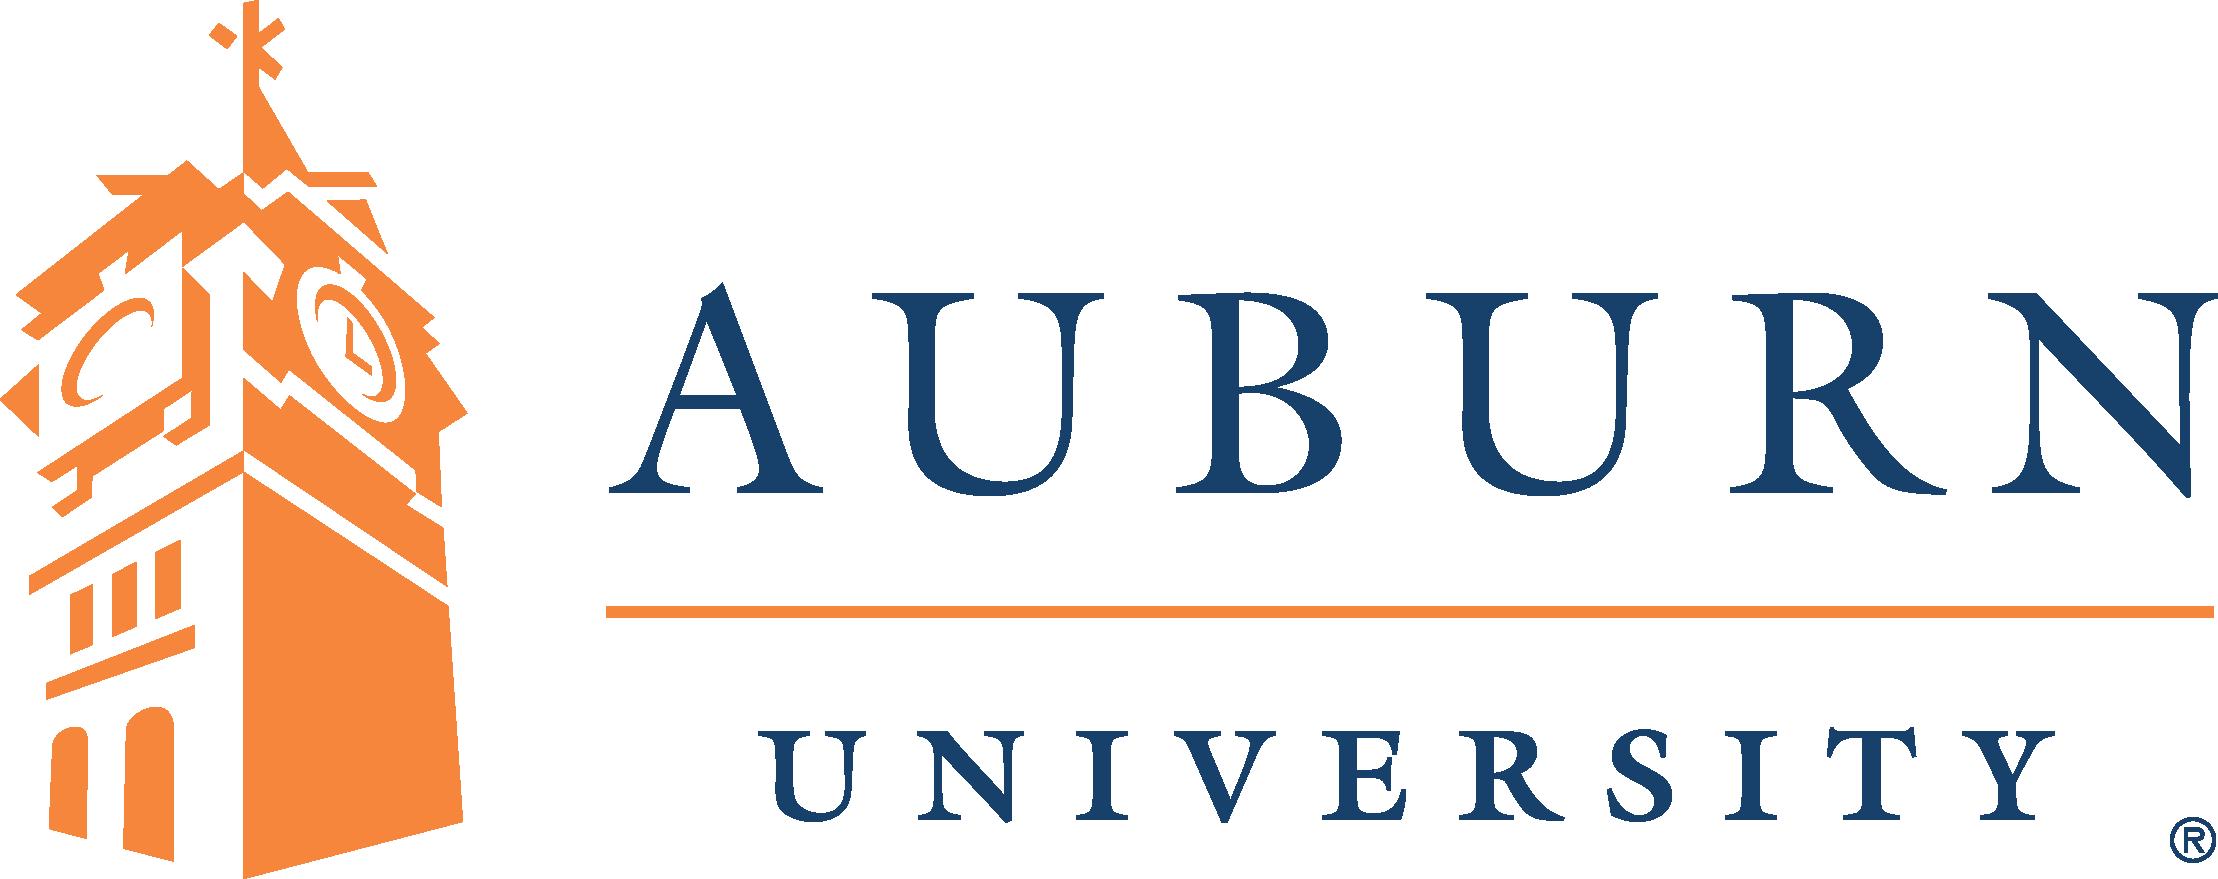 Auburn University Clipart.